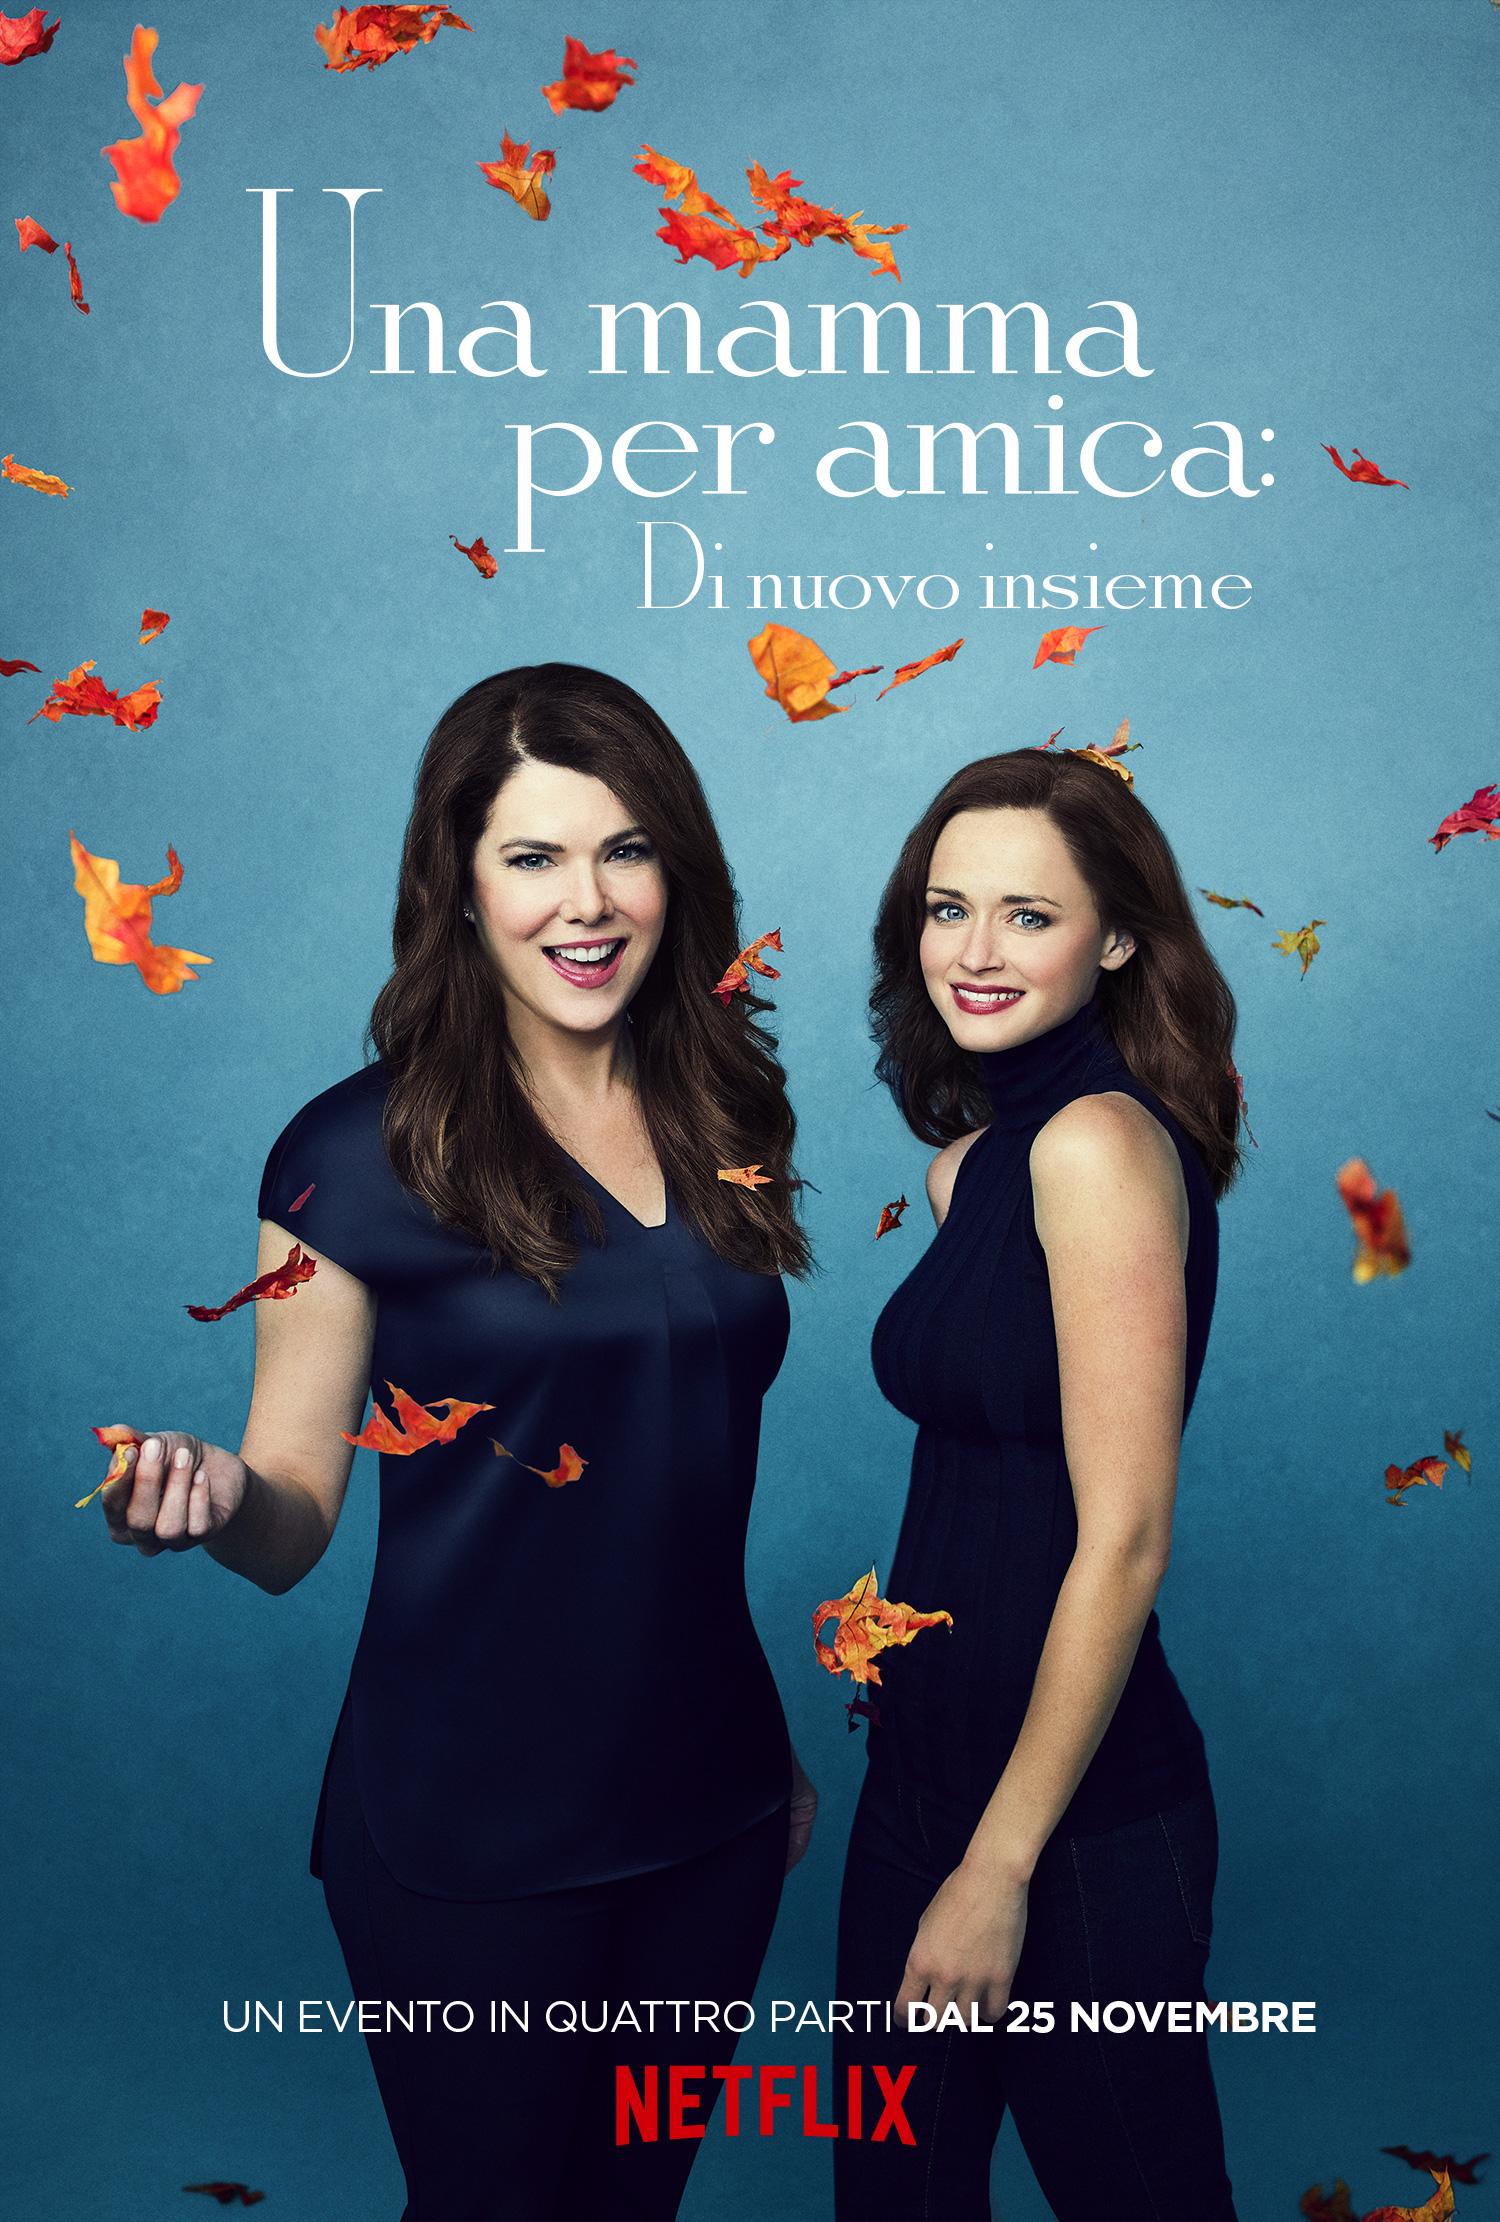 Una mamma per amica: di nuovo insieme - Poster dell'autunno